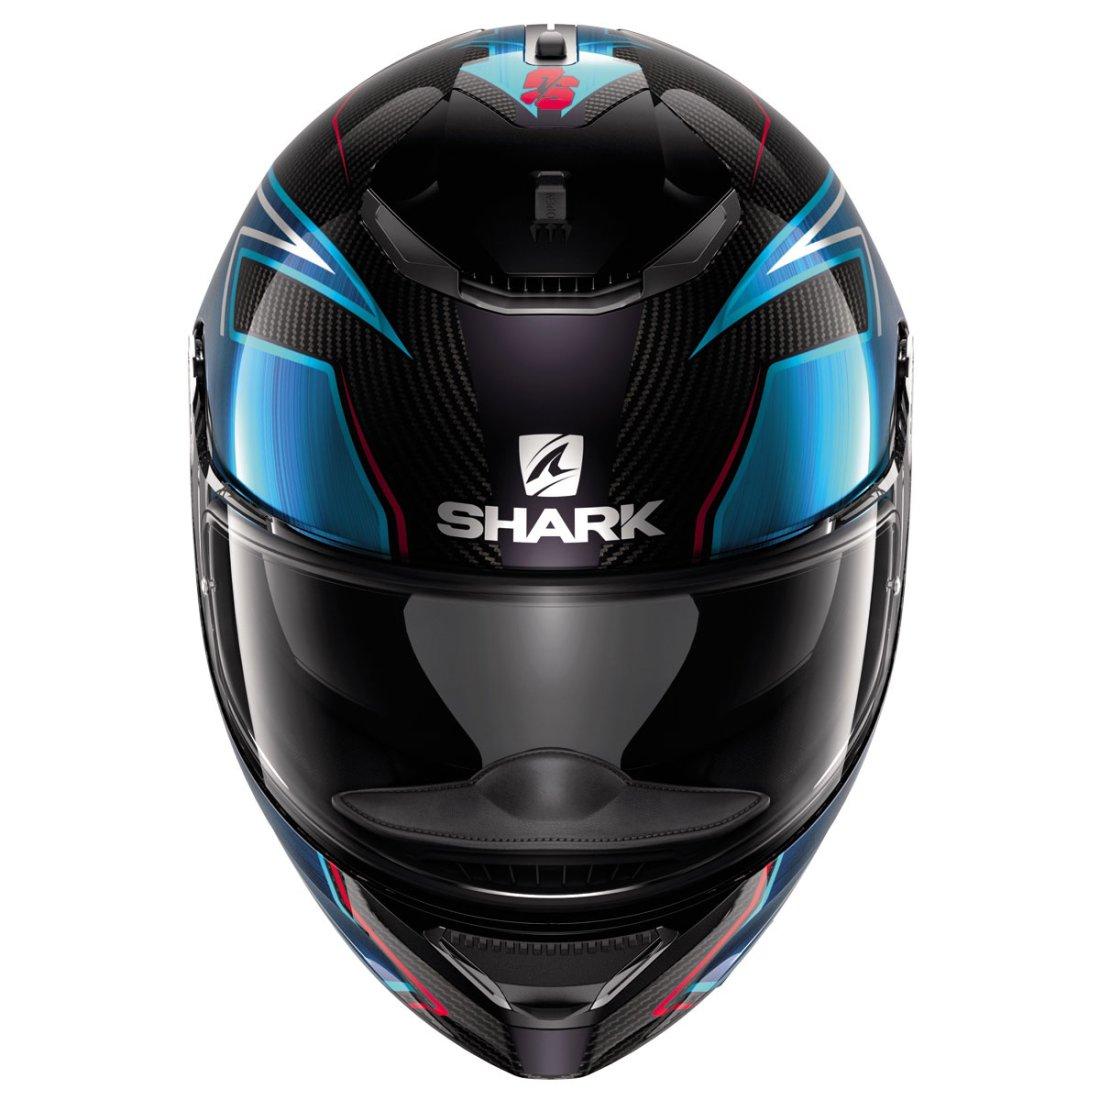 shark spartan carbon guintoli carbon chrom blue helmet. Black Bedroom Furniture Sets. Home Design Ideas